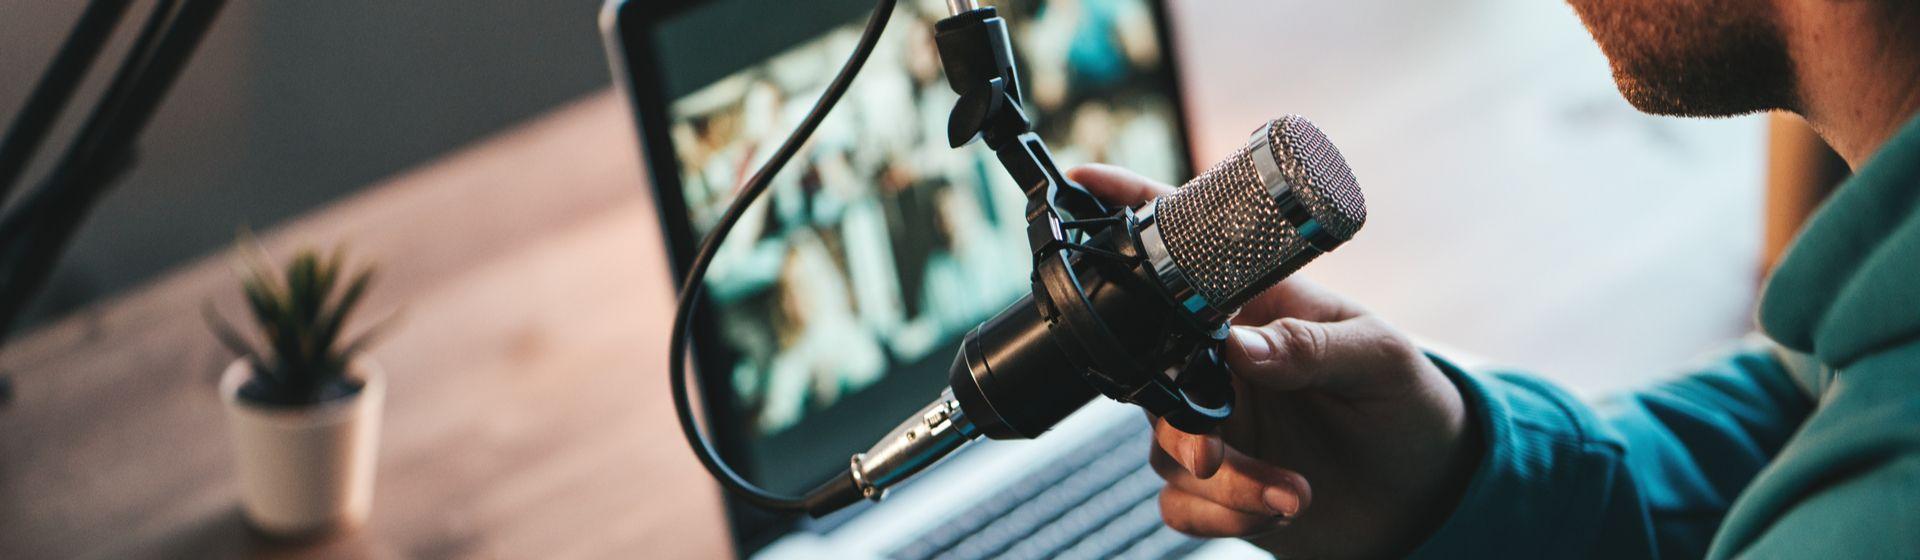 A IAB Media Center prevê que o mercado atinja a marca de US$ 1 bilhão de receita em anúncios pela primeira vez ainda em 2021.